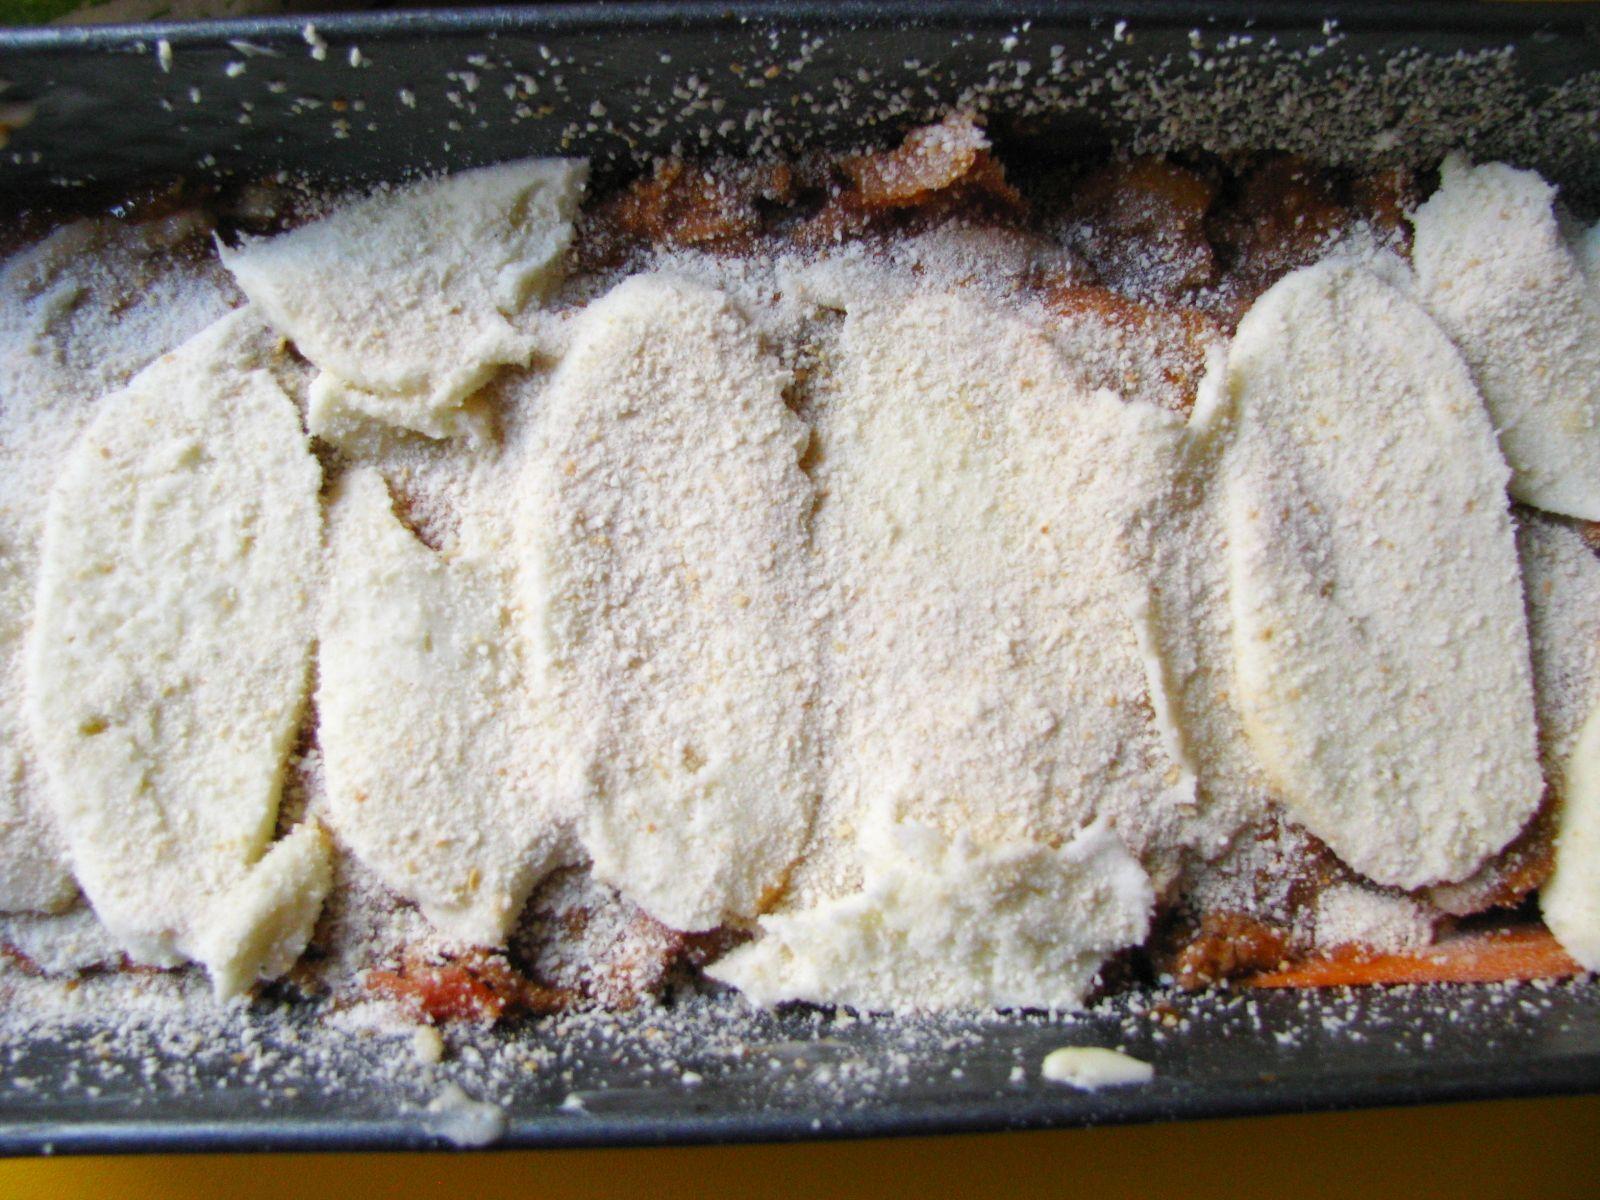 Lasagne zo sladkých zemiakov – prekladané bataty ako lasagne